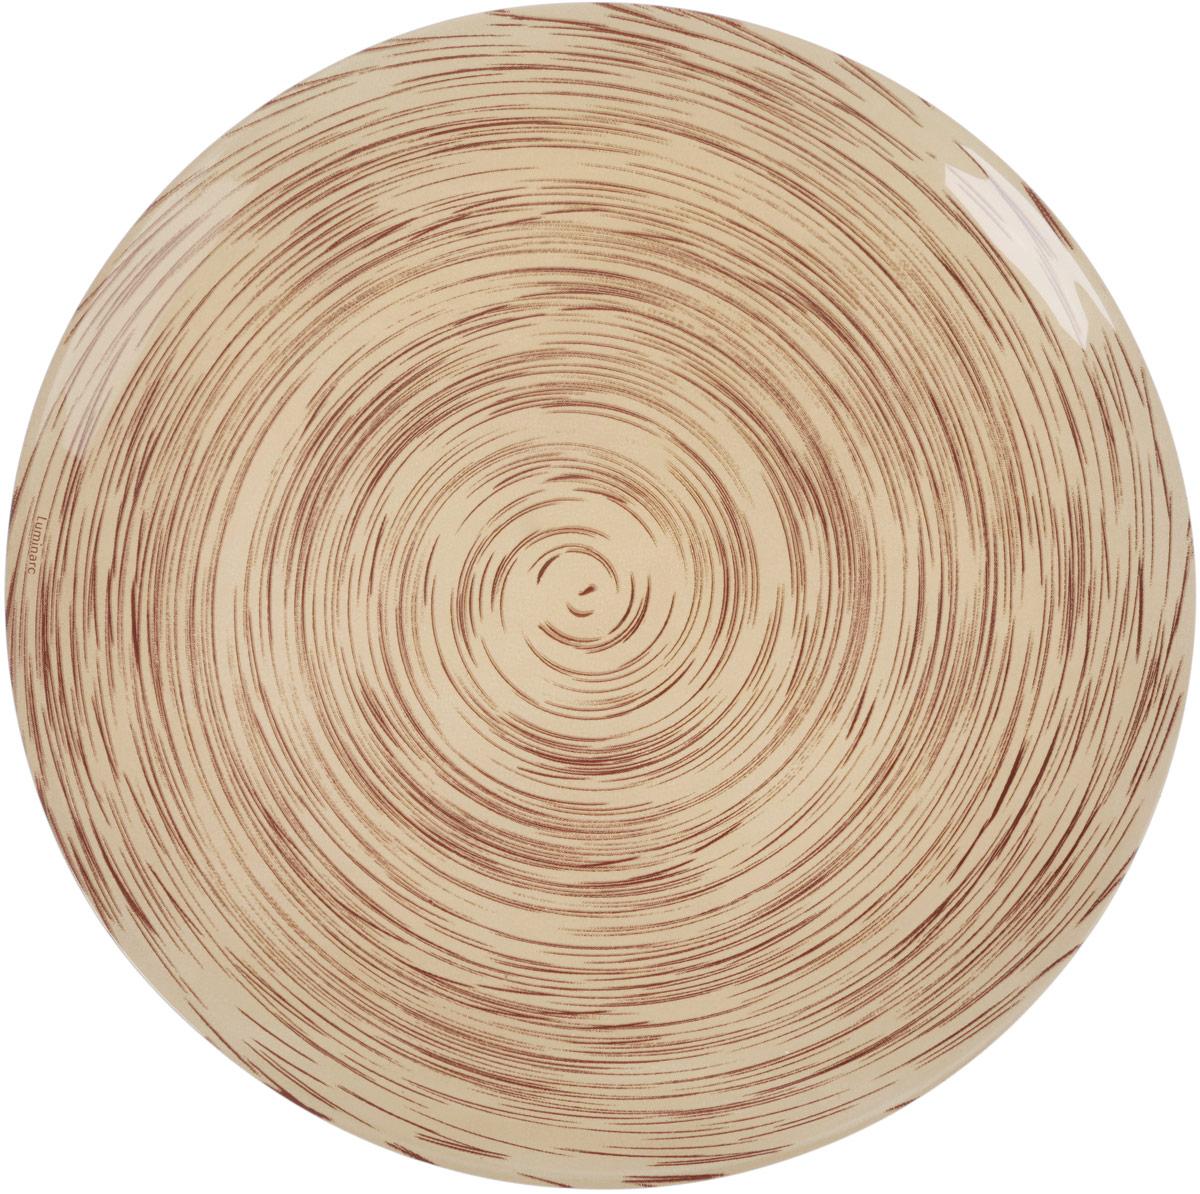 Тарелка обеденная Luminarc Stonemania, цвет: бежевый, коричневый, диаметр 25 смJ1759Обеденная тарелка Luminarc Stonemania, изготовленная из высококачественного стекла, имеет изысканный внешний вид. Такая тарелка прекрасно подходит как для торжественных случаев, так и для повседневного использования. Идеальна для подачи десертов, пирожных, тортов и многого другого. Она прекрасно оформит стол и станет отличным дополнением к вашей коллекции кухонной посуды. Можно мыть в посудомоечной машине.